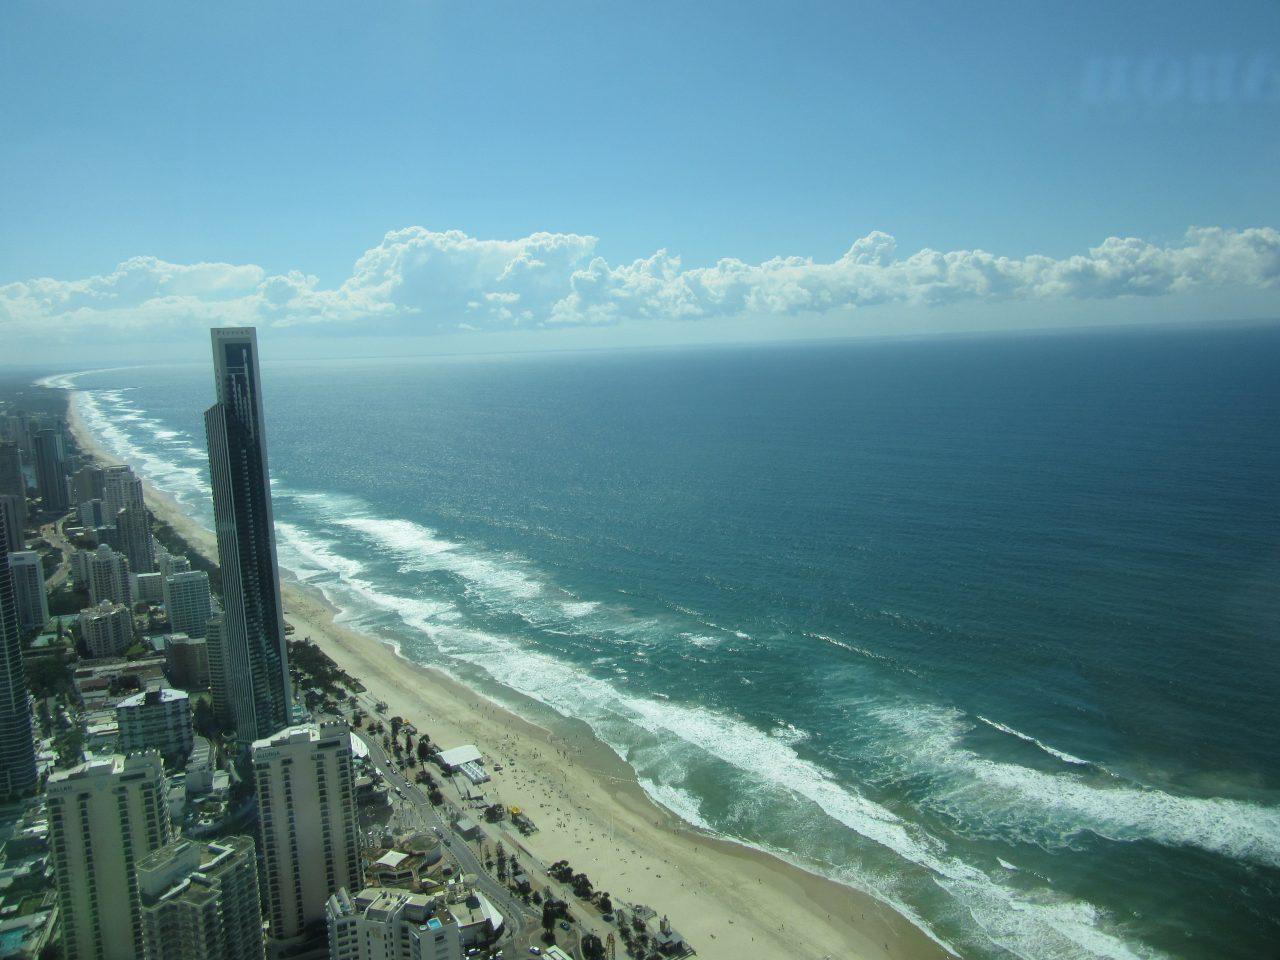 展望台から見たビーチ